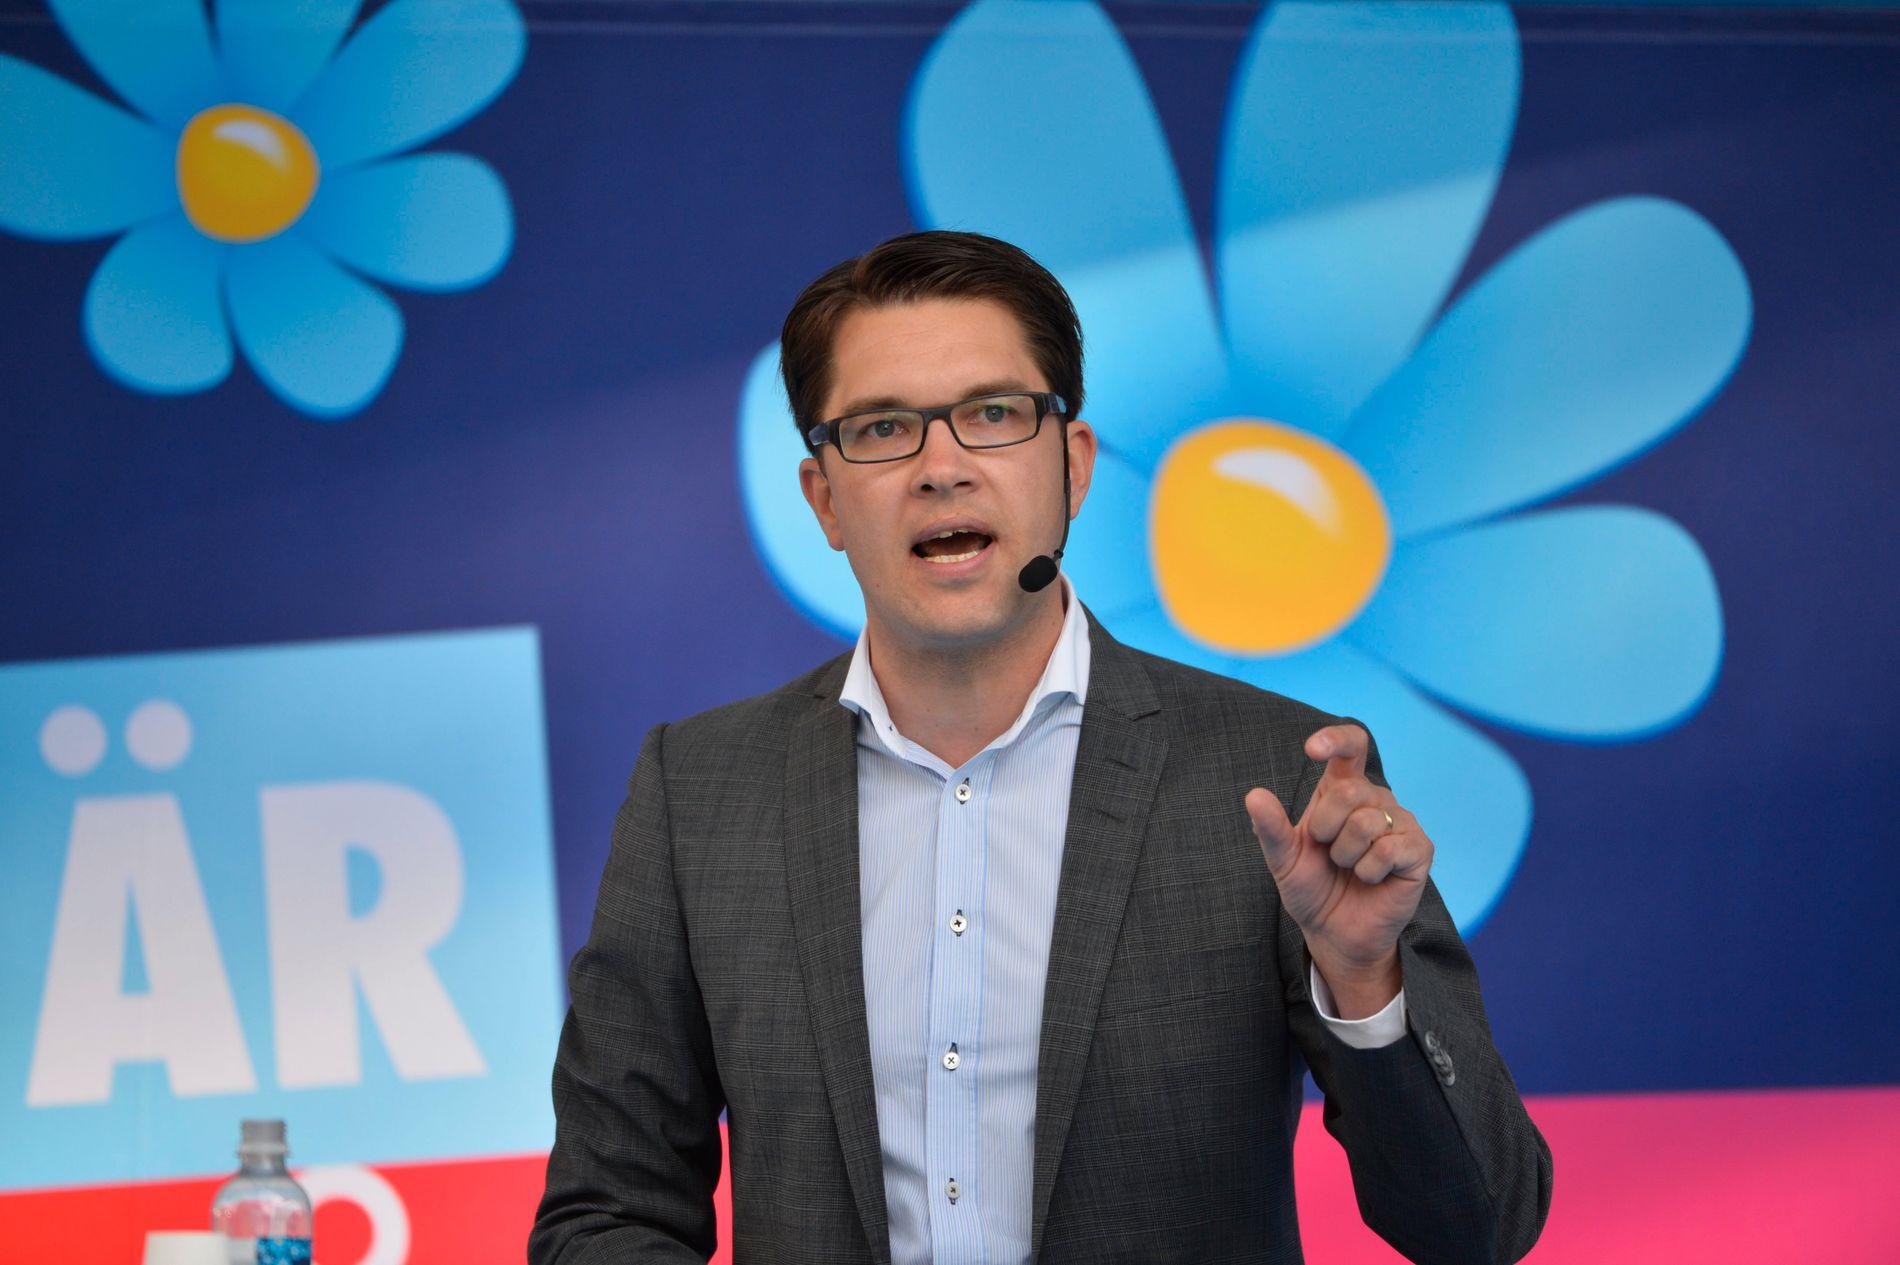 SPEDALSK: Ingen partier vil samarbeide med Jimmie Åkessons Sverigedemokraterna (SD). Det gir et uforutsigbart politisk klima i Sverige.